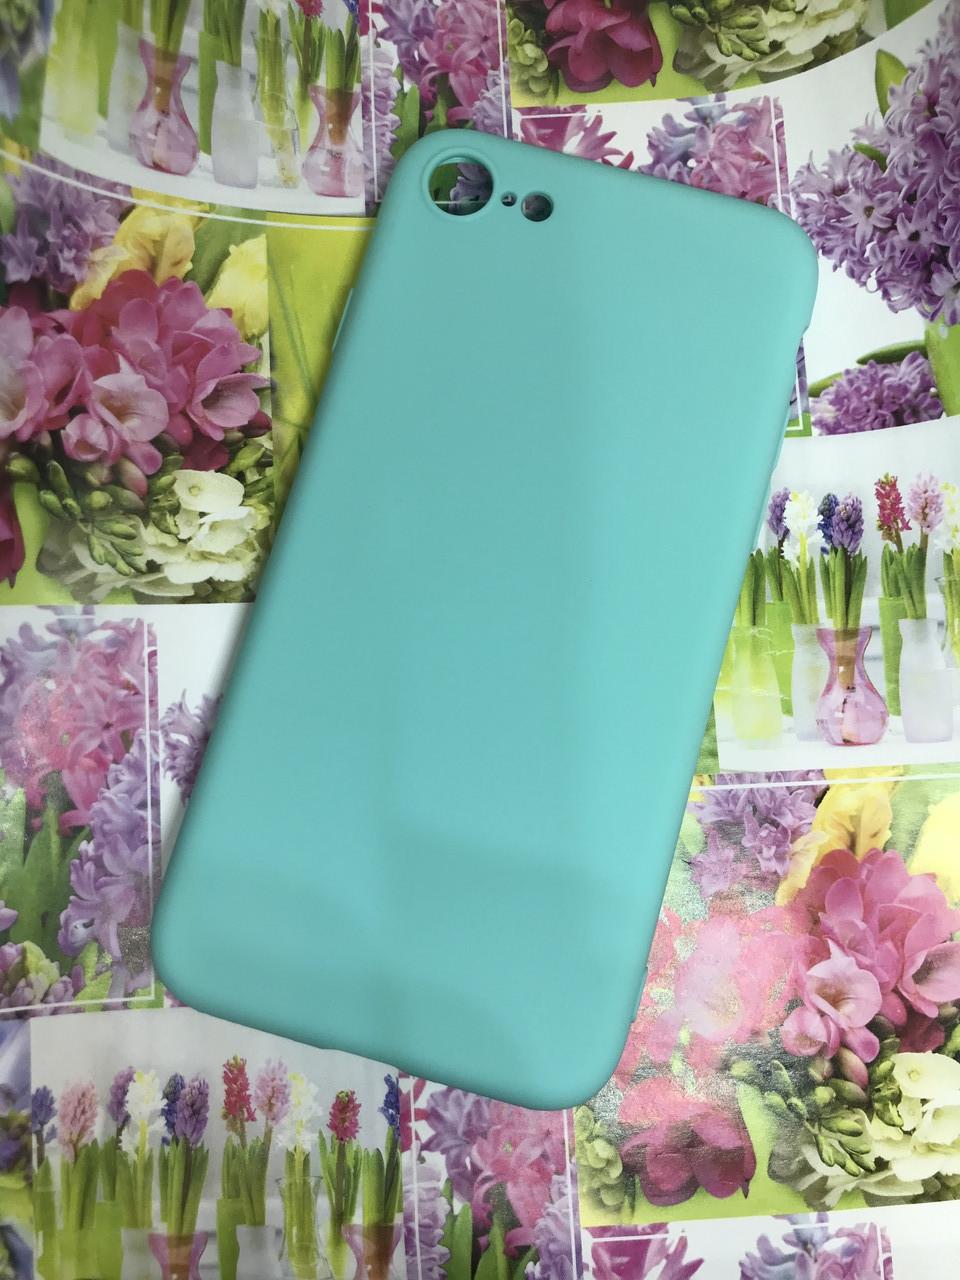 Apple Iphone 7 чехол / бампер / накладка цветной силиконовый матовый мятный ментоловый